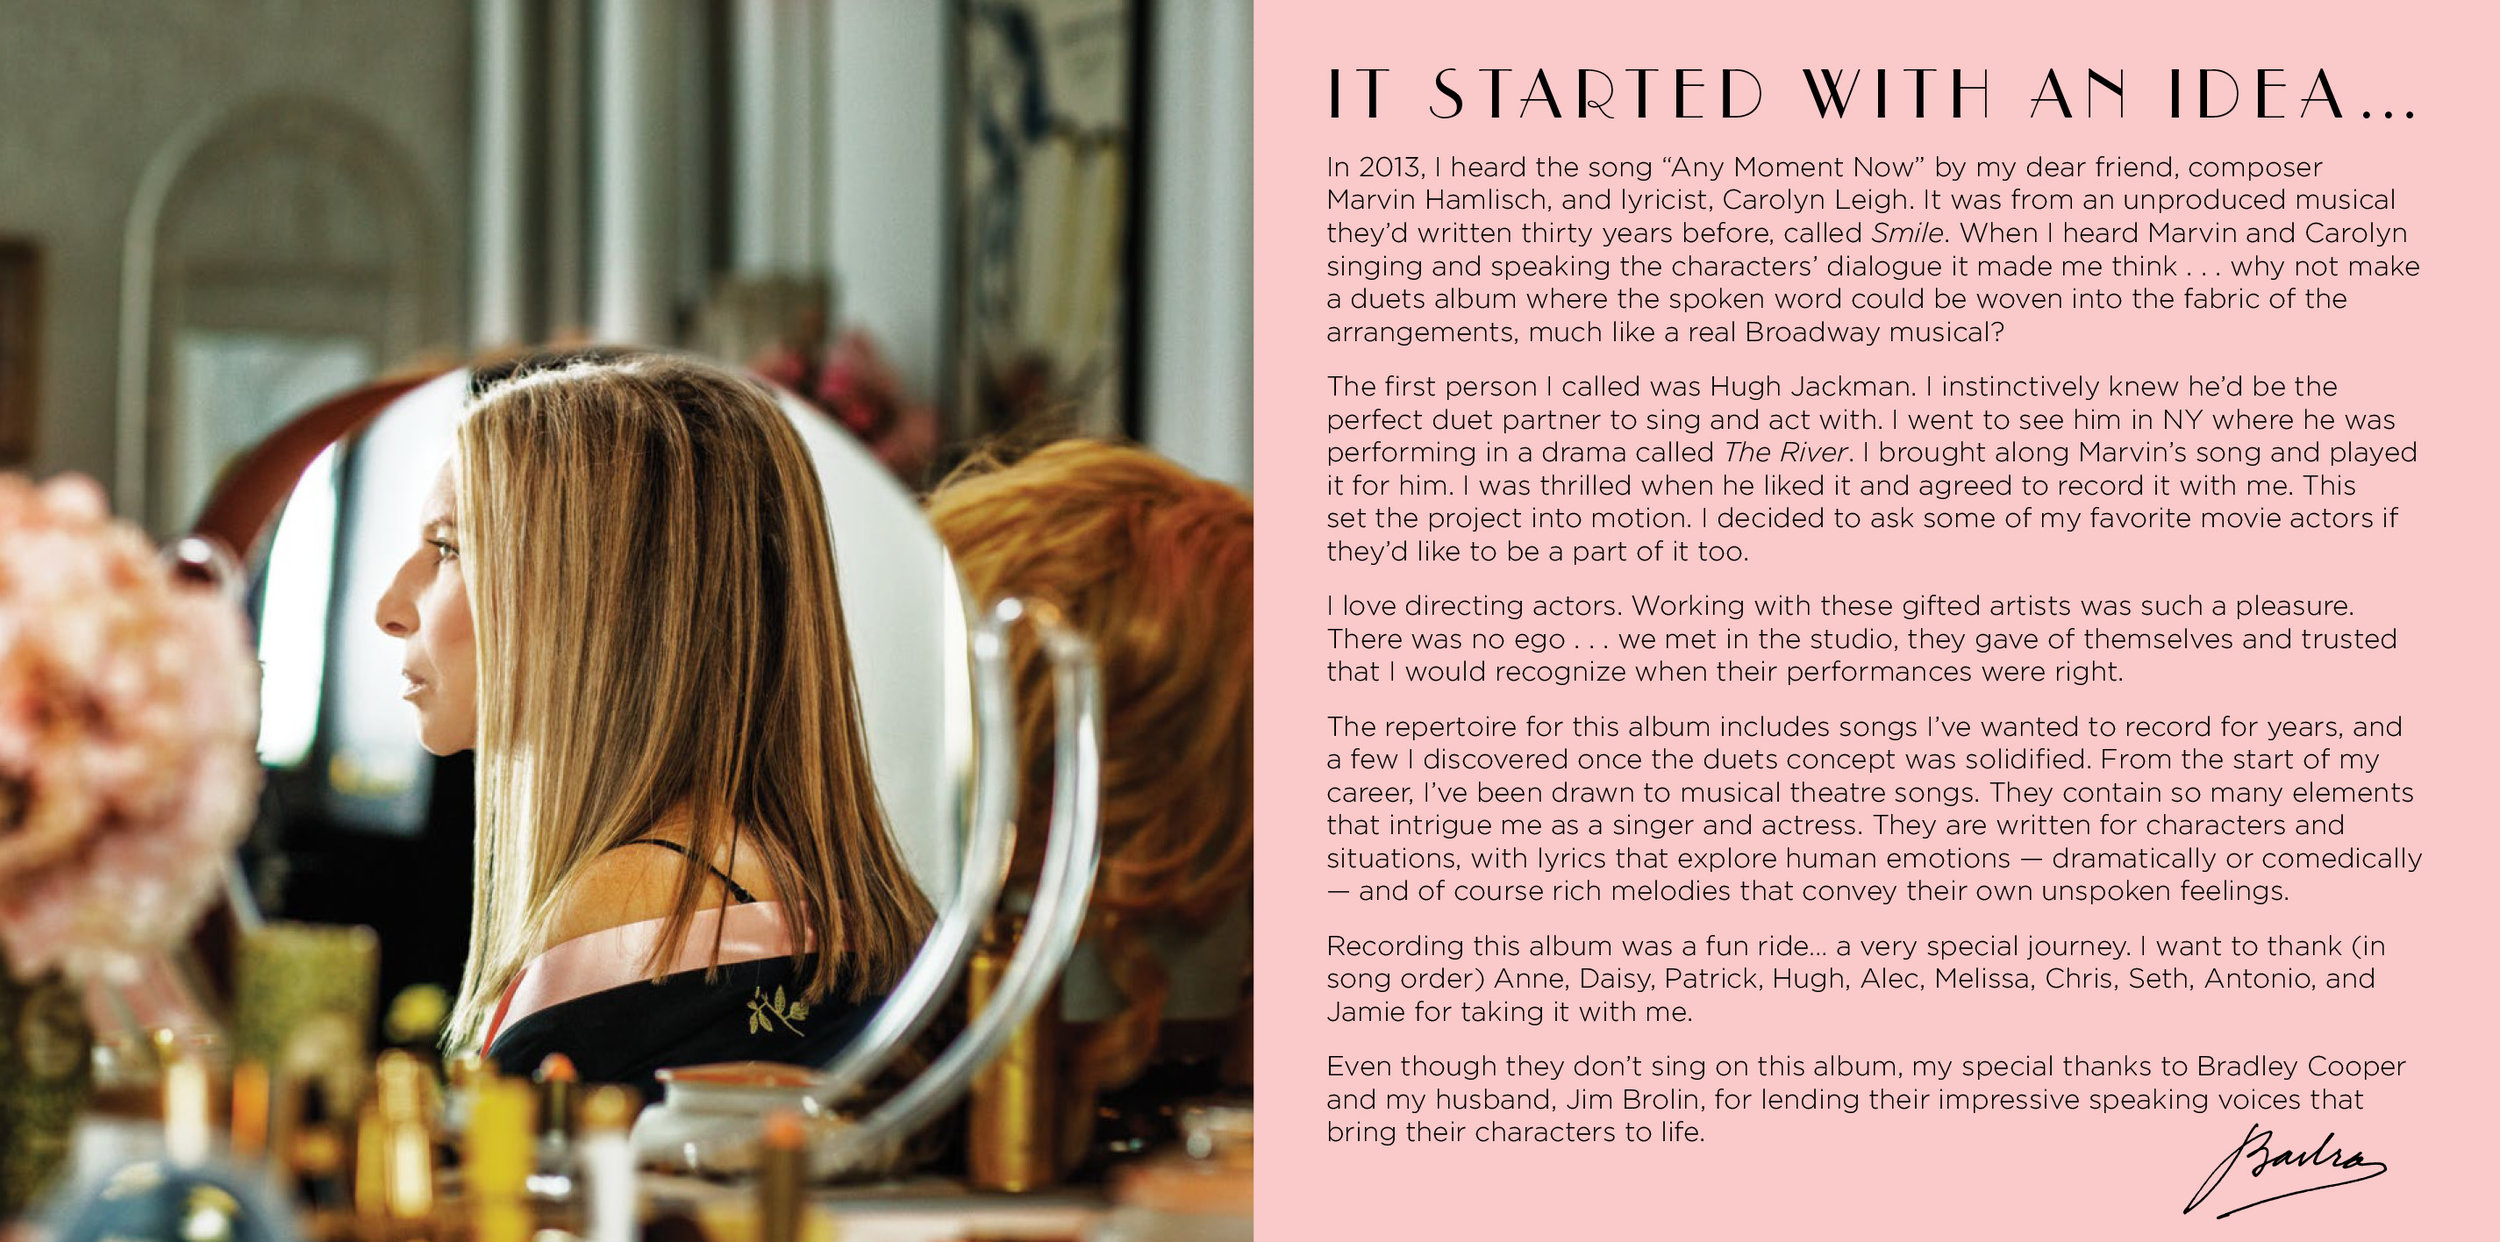 Streisand_EMPSB_DLX_24P_CD_Booklet_2.jpg